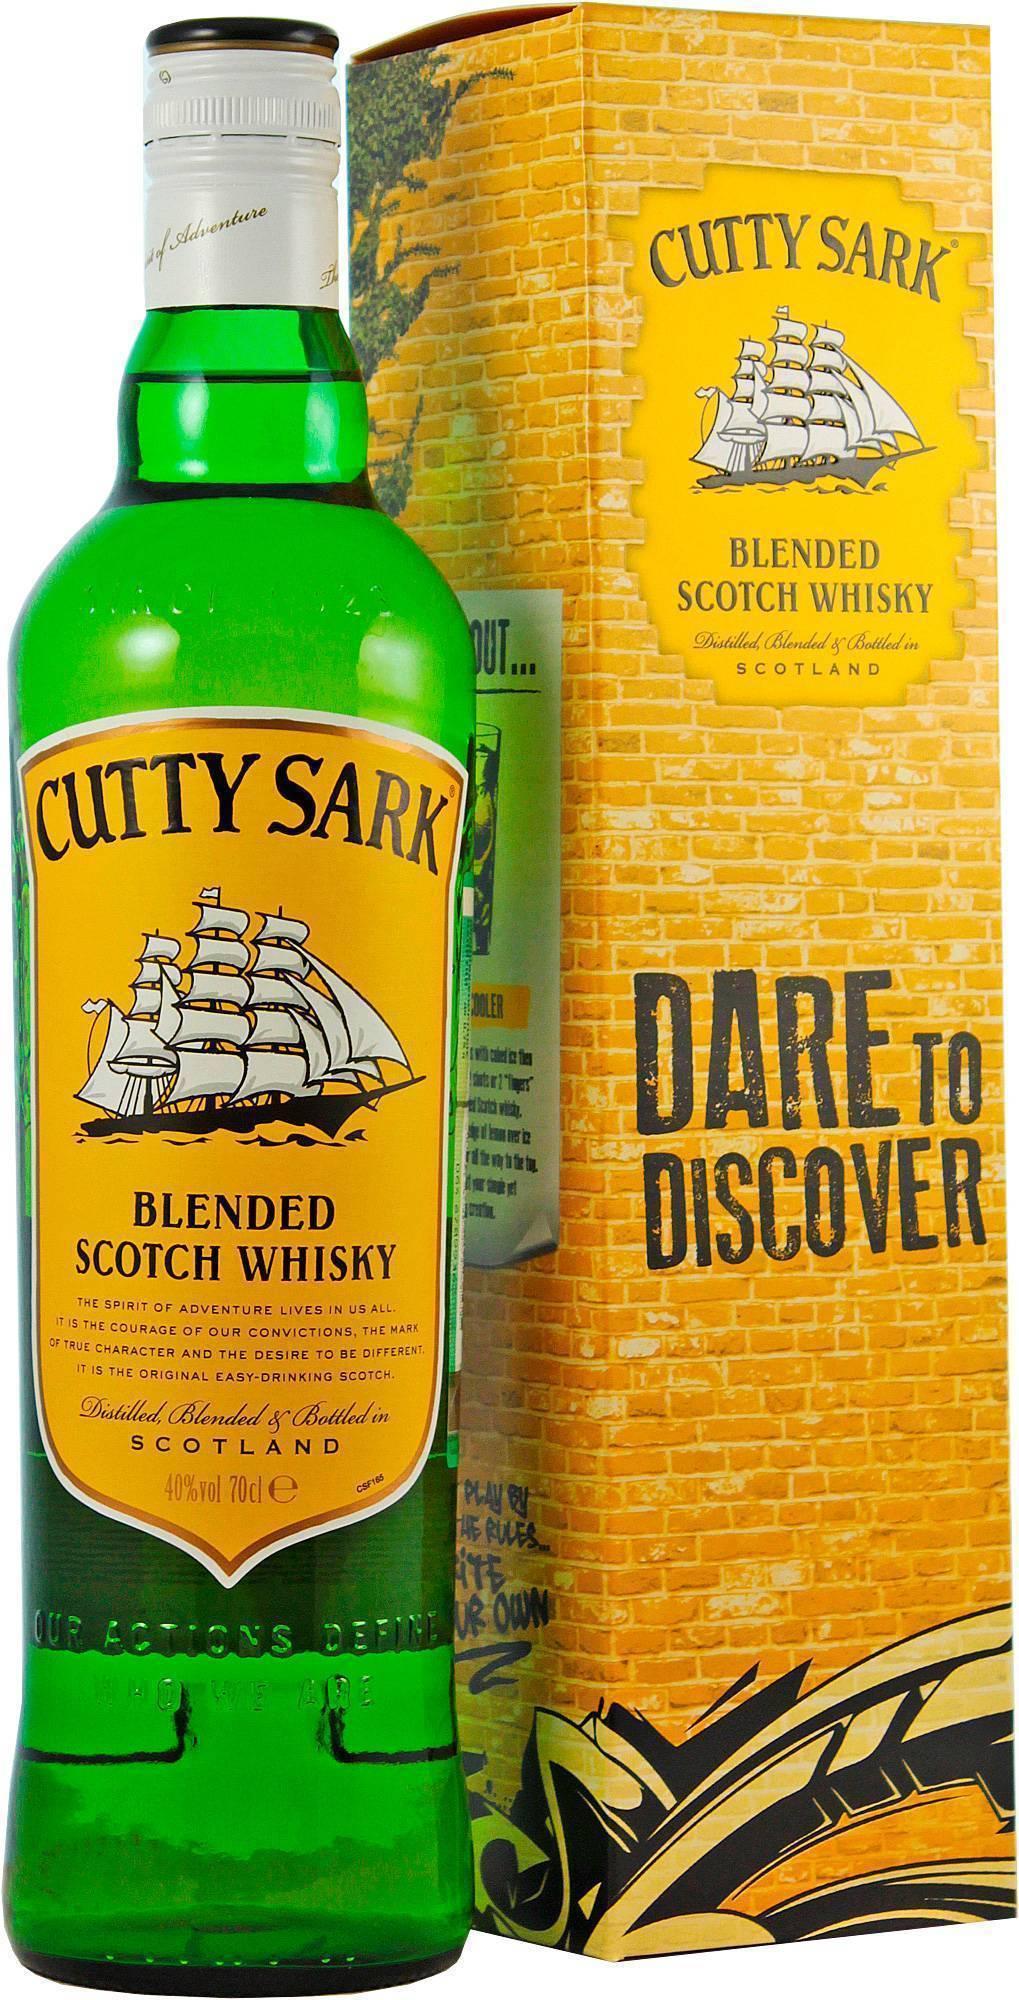 Виски катти сарк (cutty sark): история бренда, особенности вкуса и обзор линейки - международная платформа для барменов inshaker